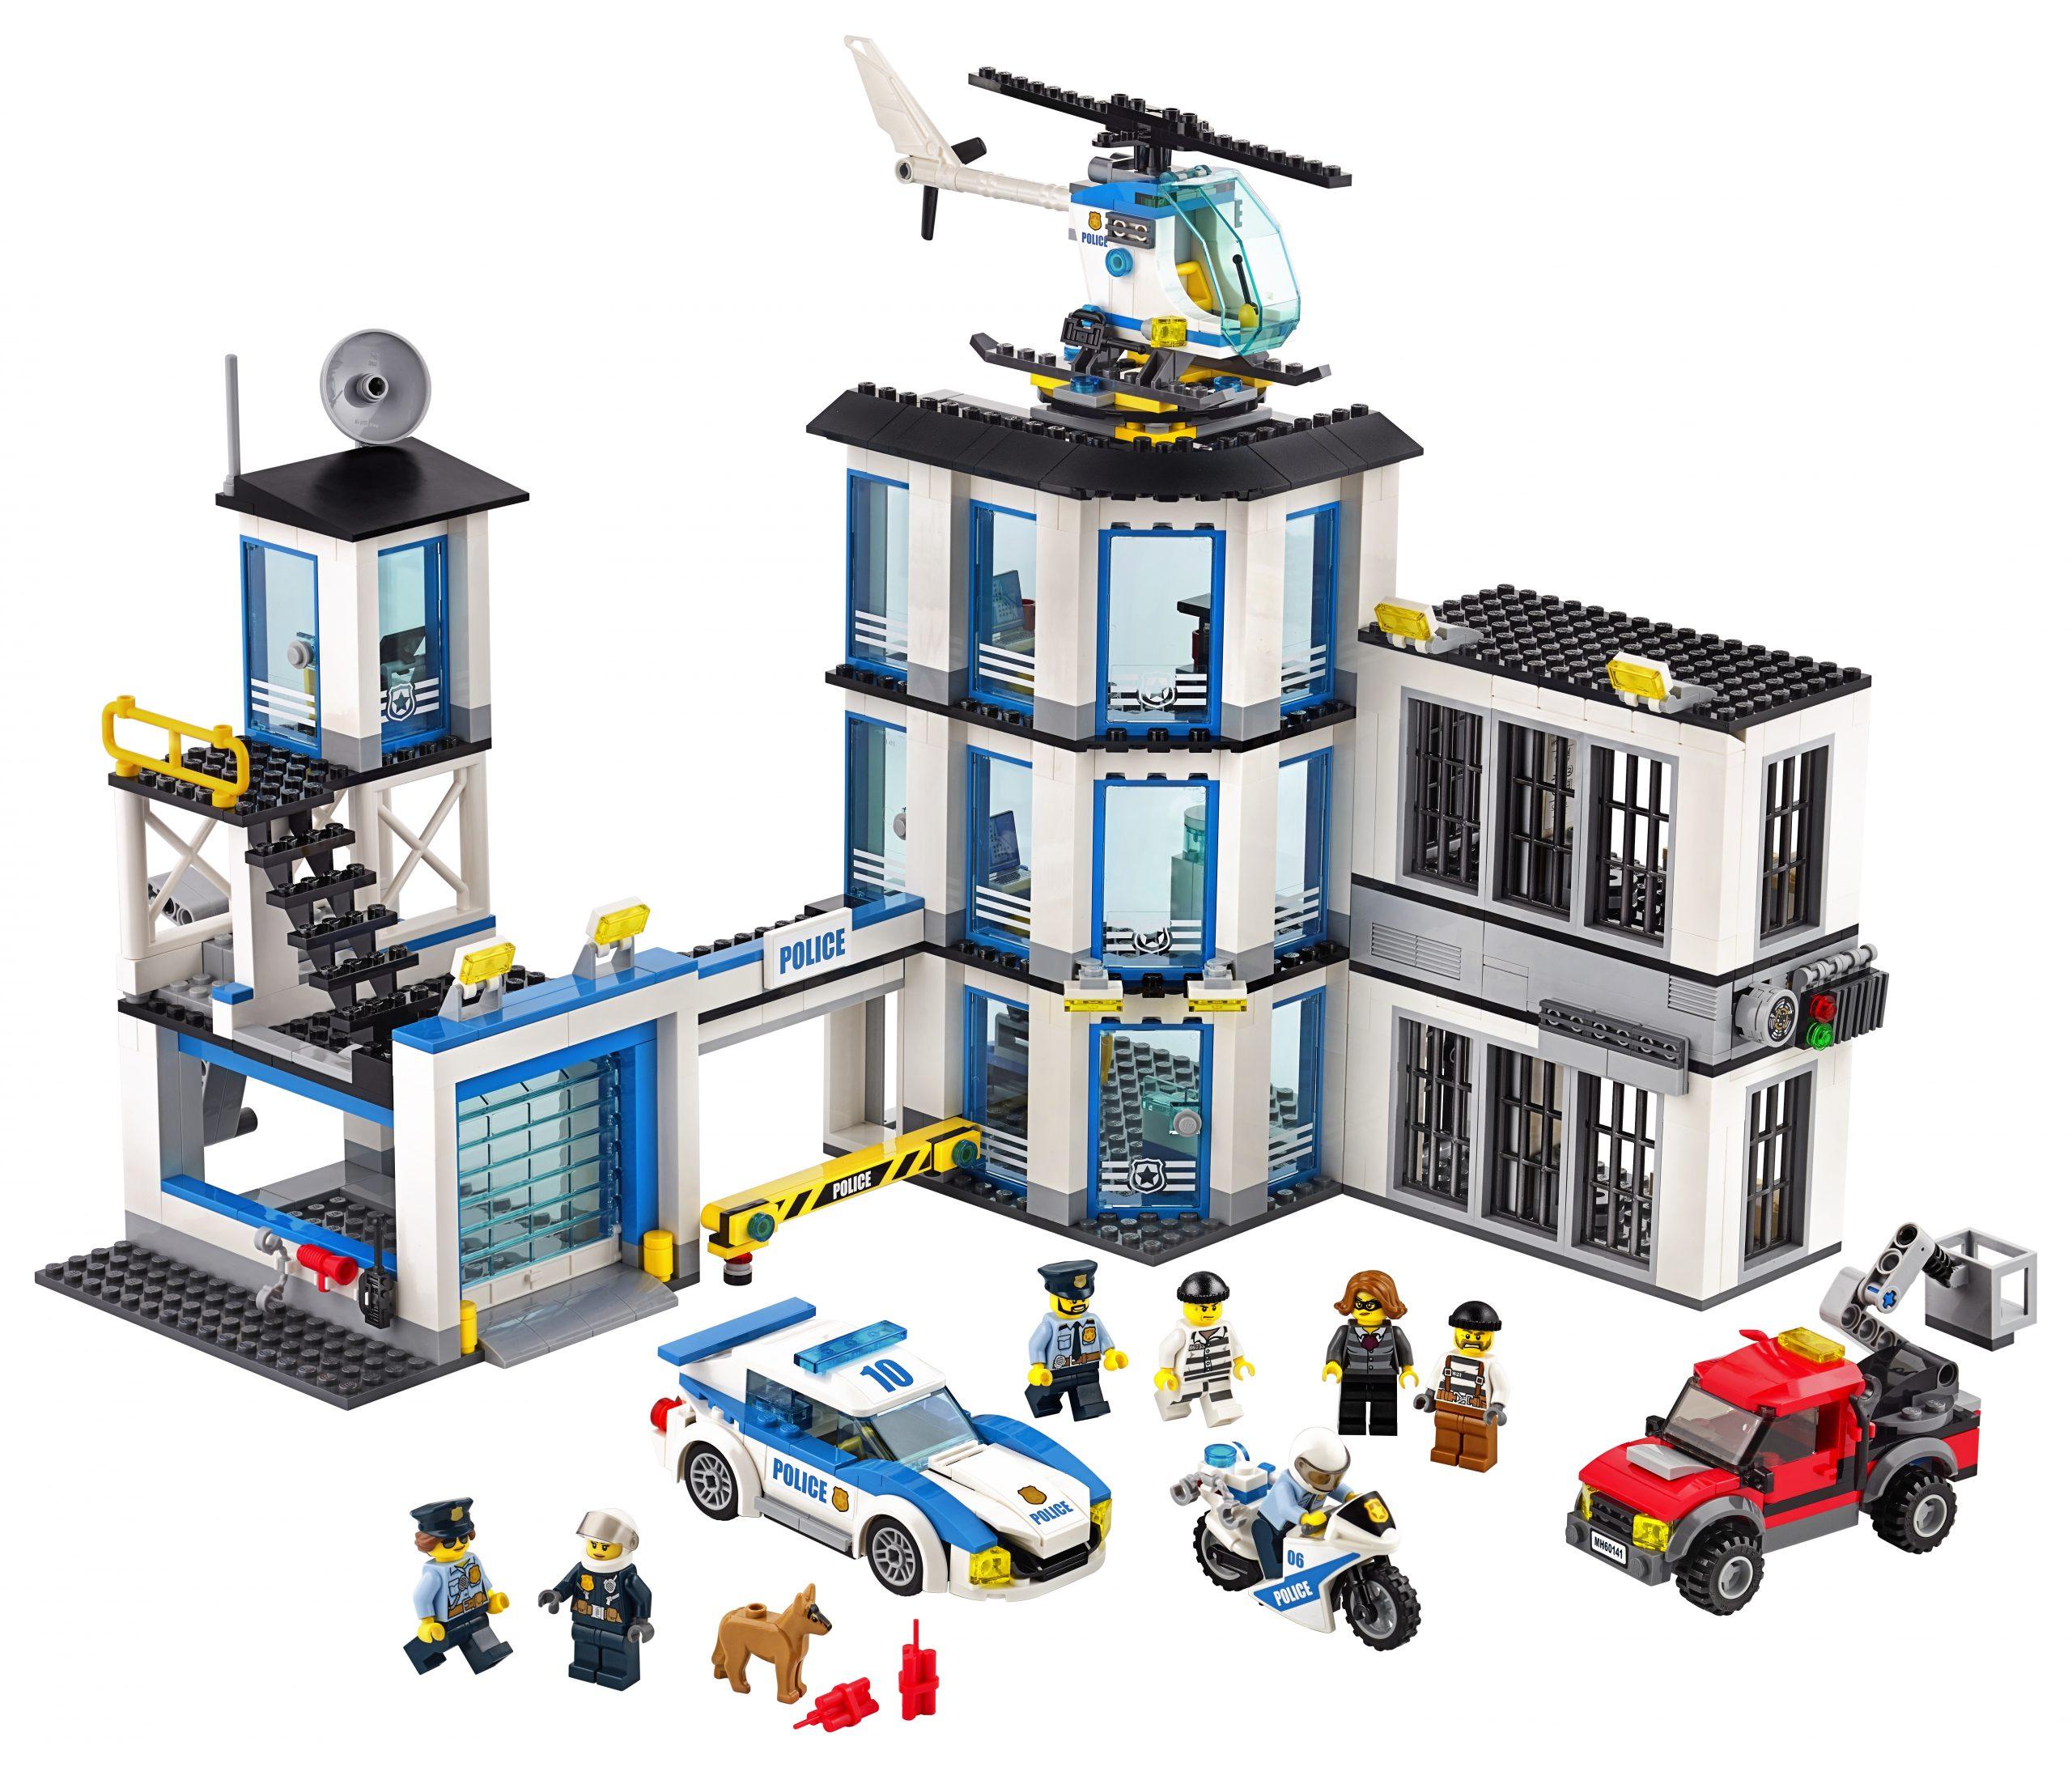 Commissario Di Polizia Lego Carrefour